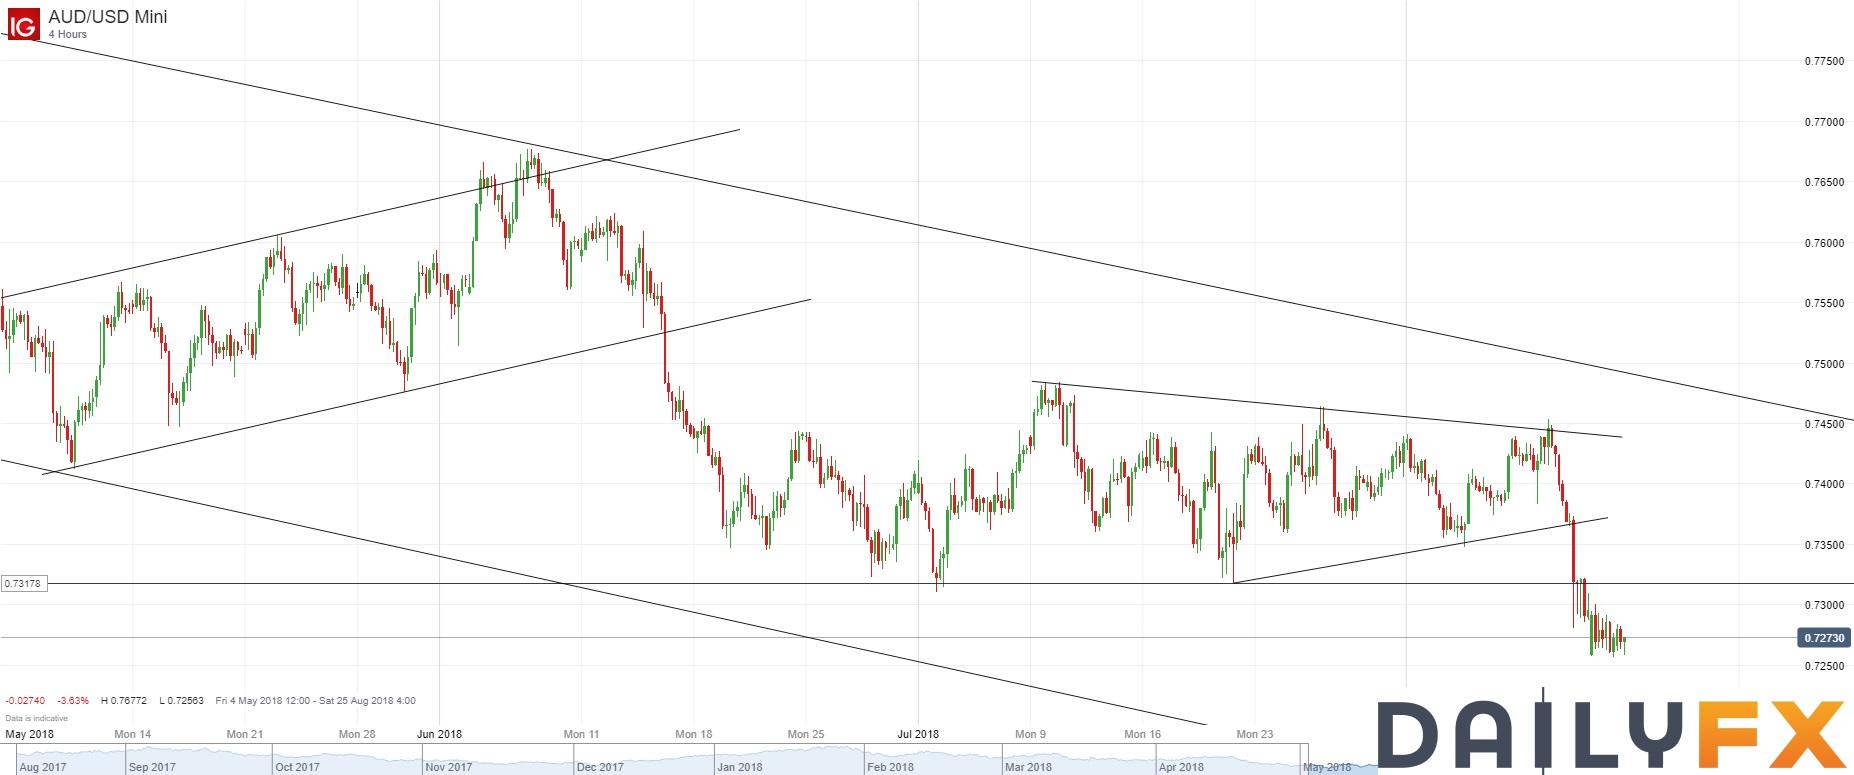 澳元/美元技术分析:跌势放缓,但暂时继续持有空头